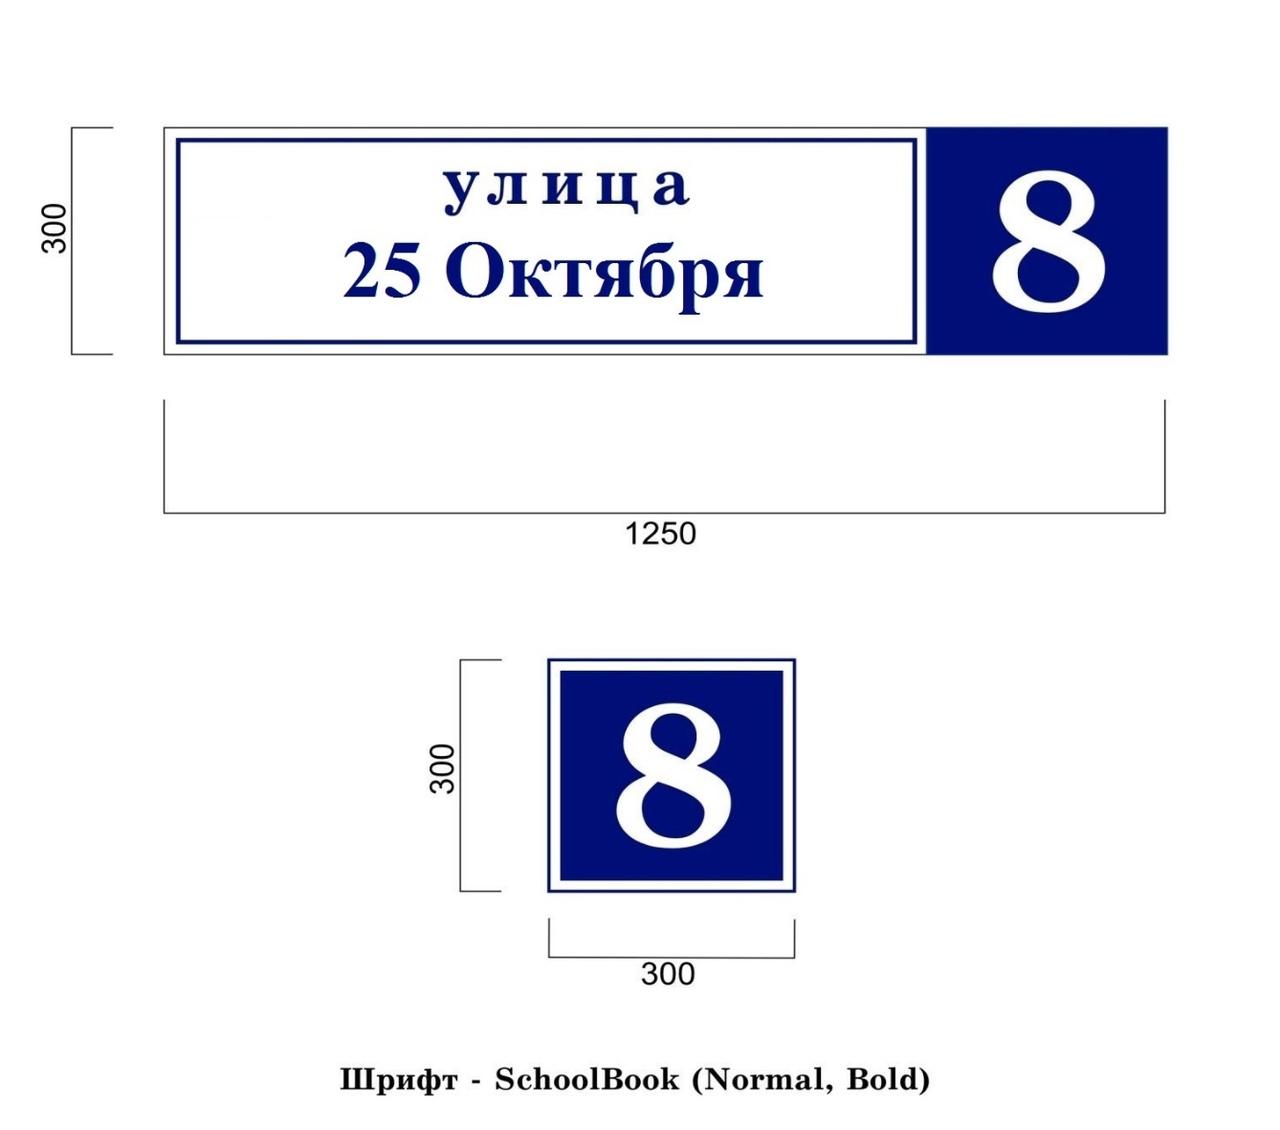 Жителей Тверской области будут штрафовать за отсутствие таблички на доме